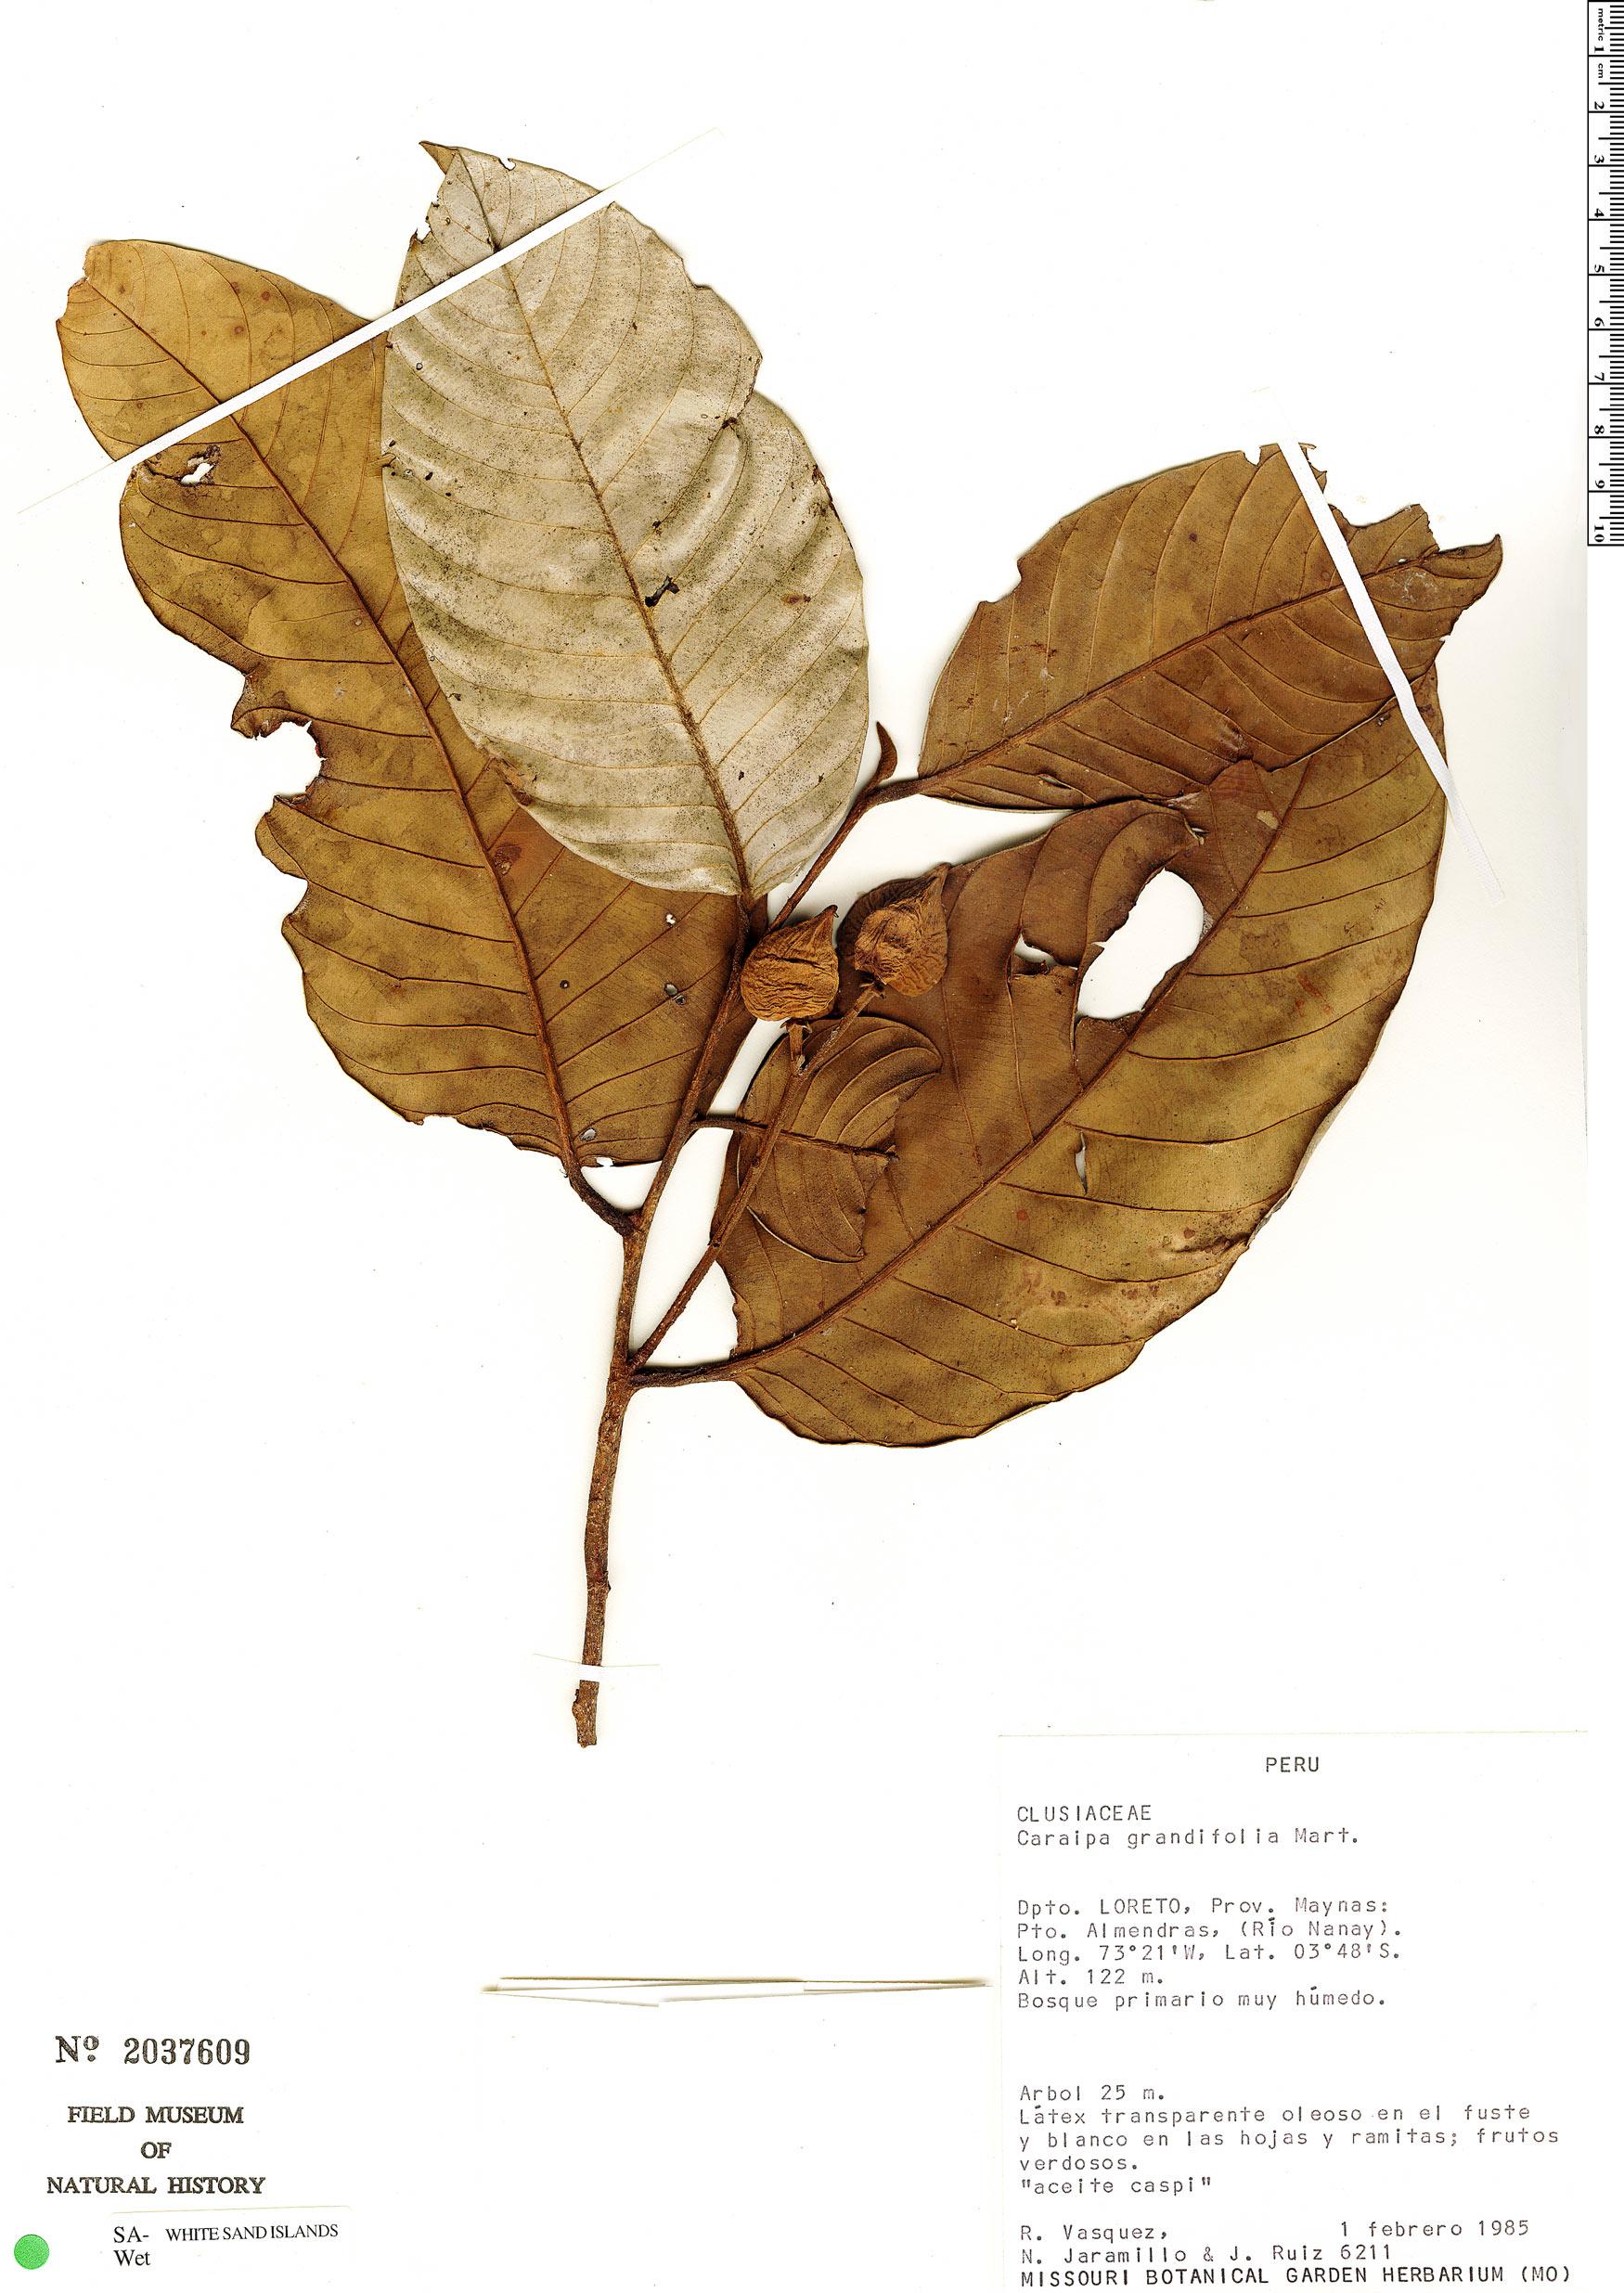 Specimen: Caraipa grandifolia